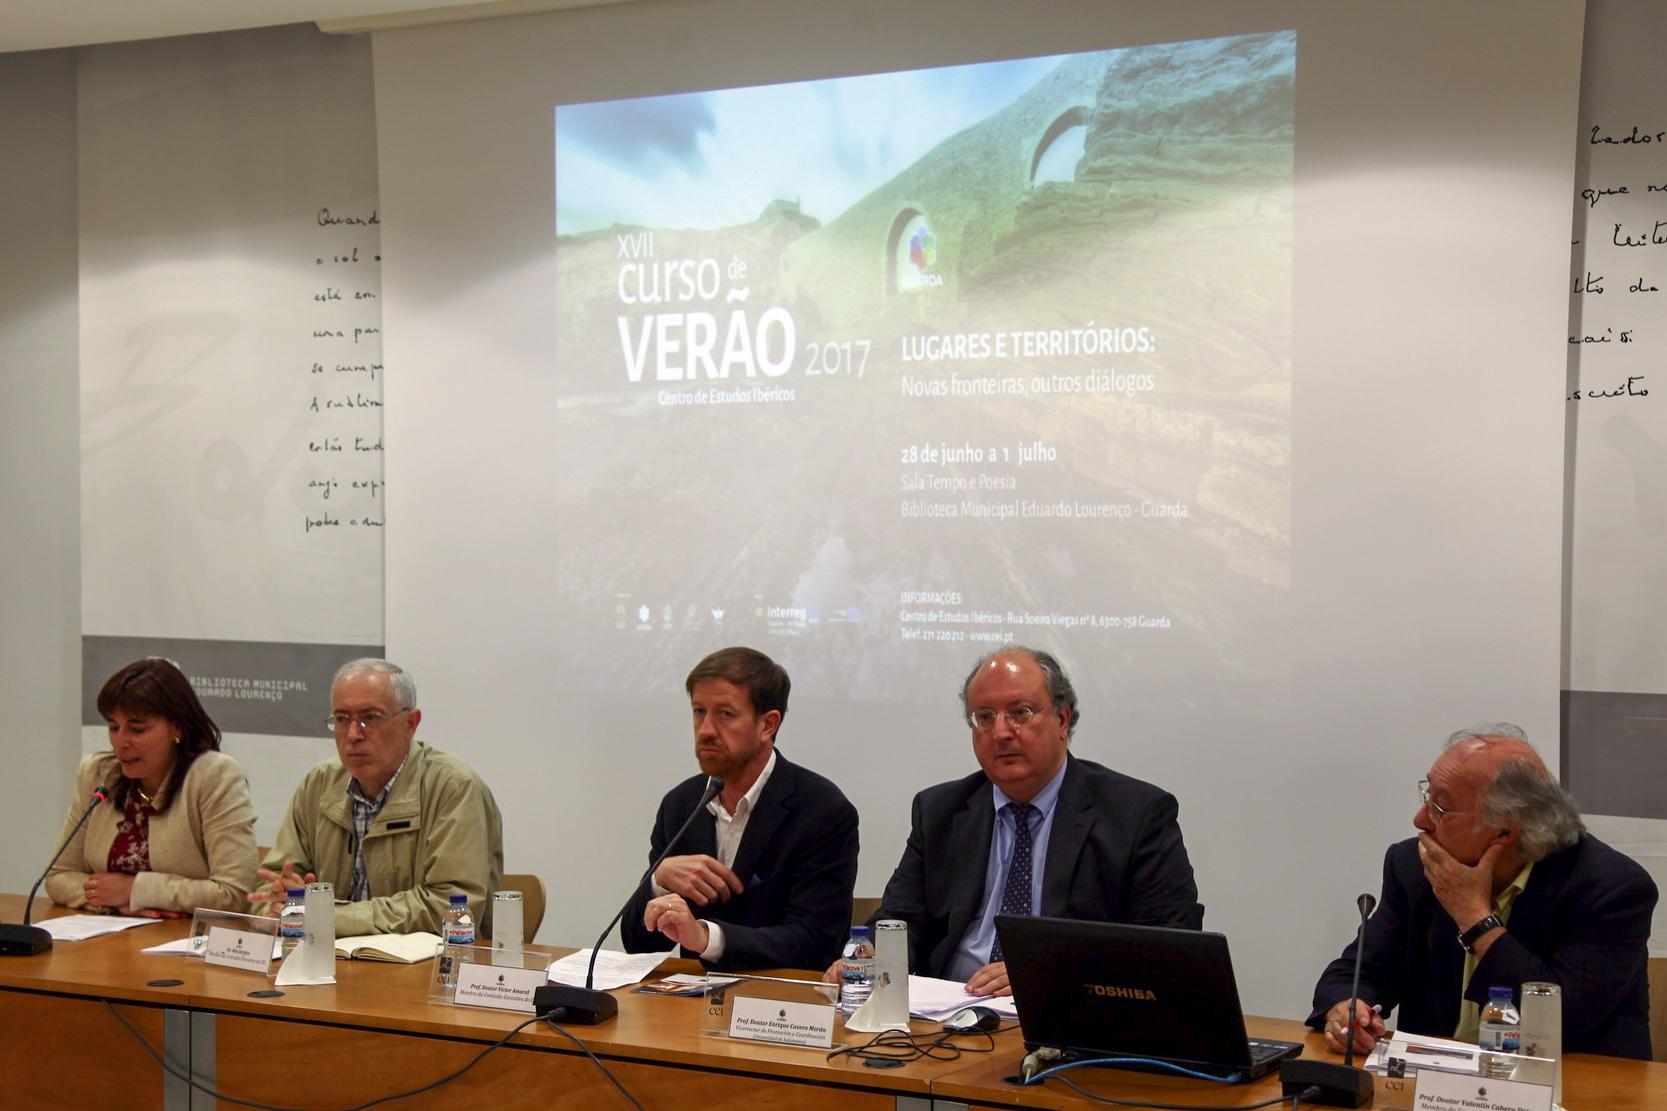 El Centro de Estudios Ibéricos inaugura, un año más, el Curso de Verano en la localidad portuguesa de Guarda